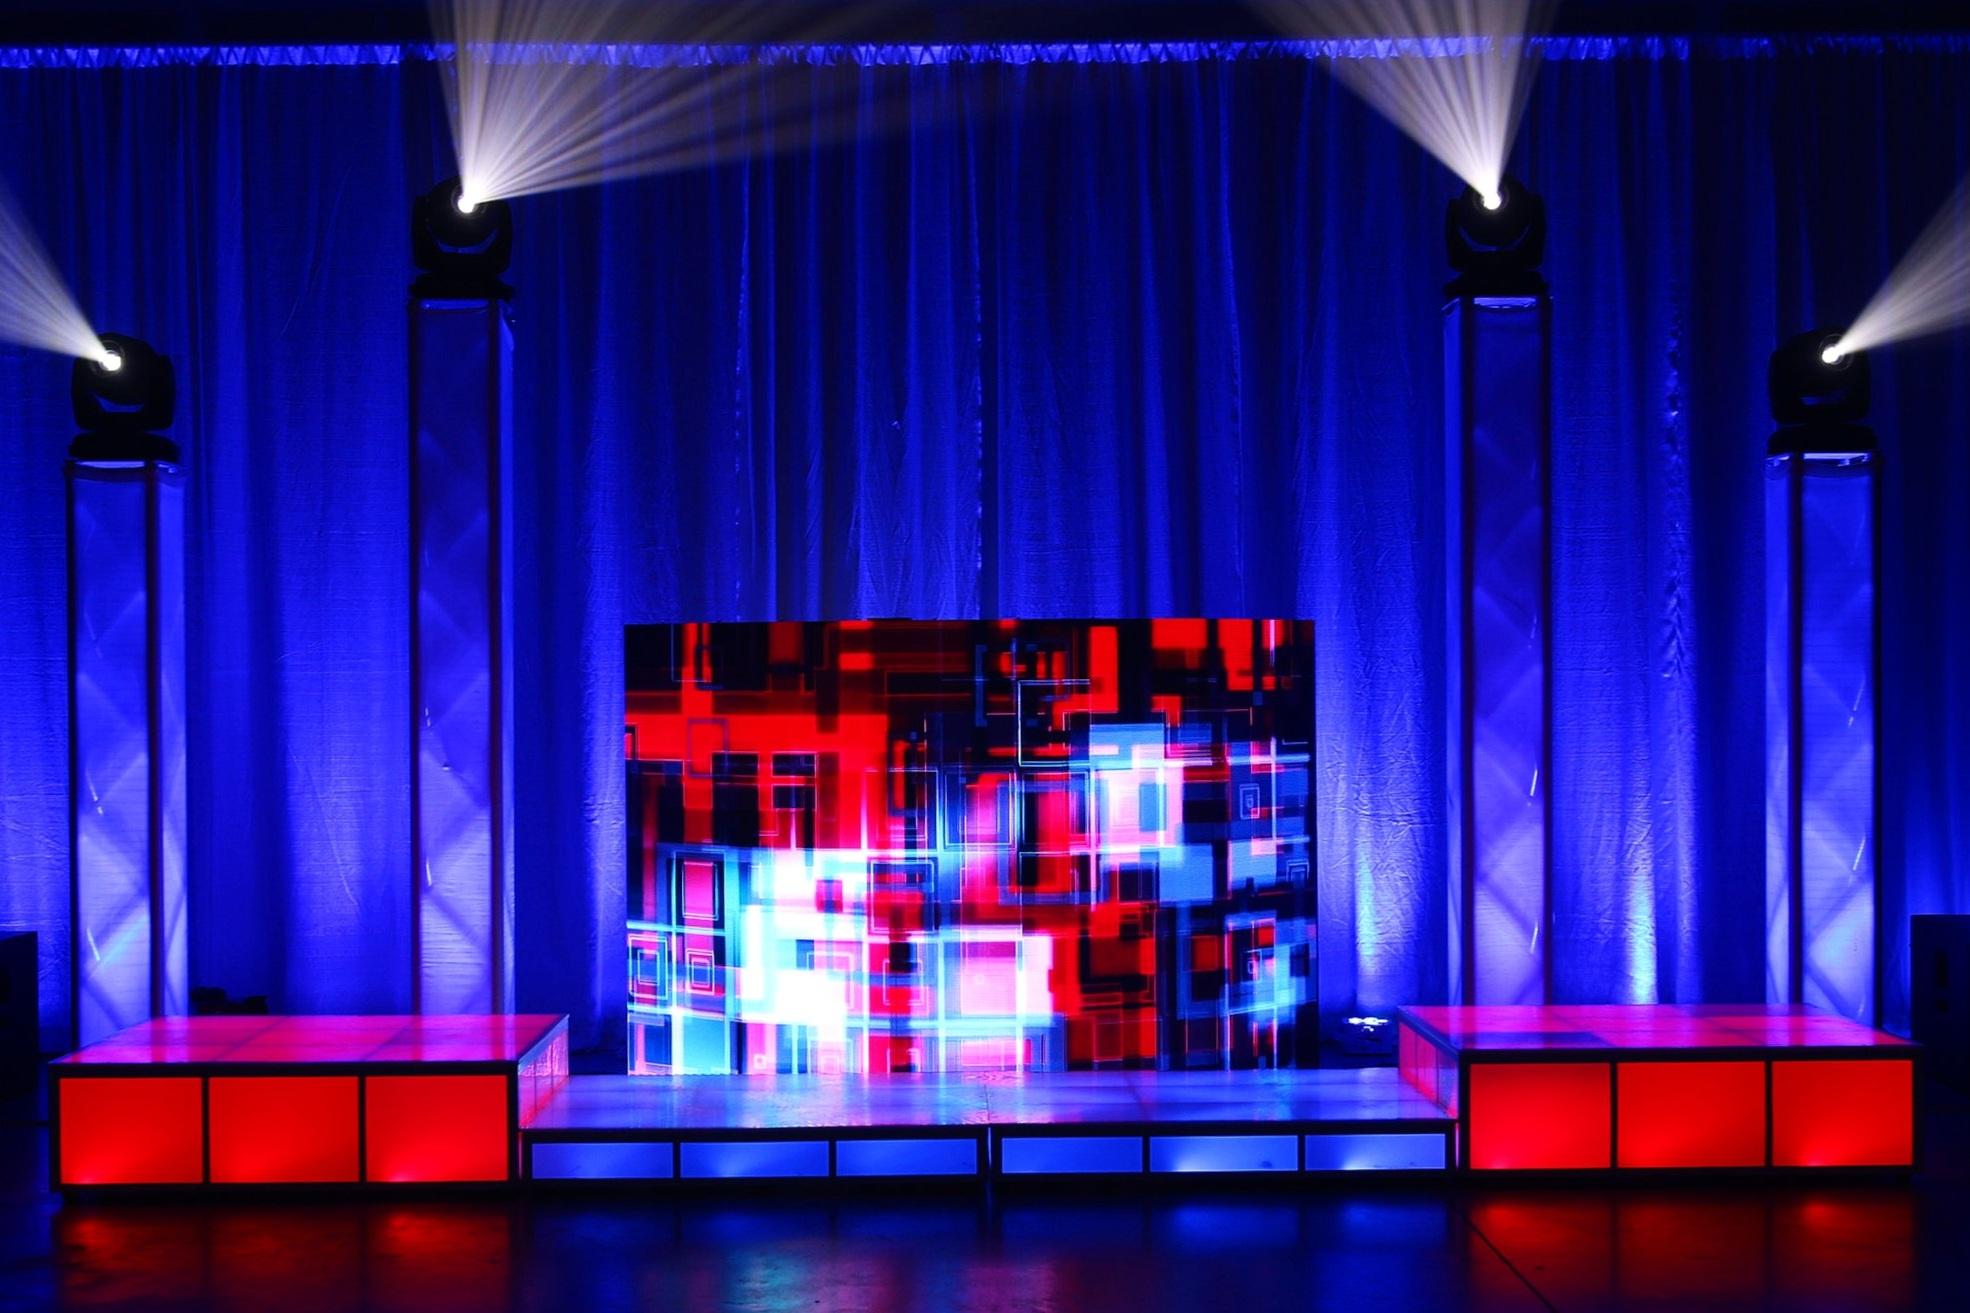 nj-mitzvah-dj-video-dj-booth.jpg